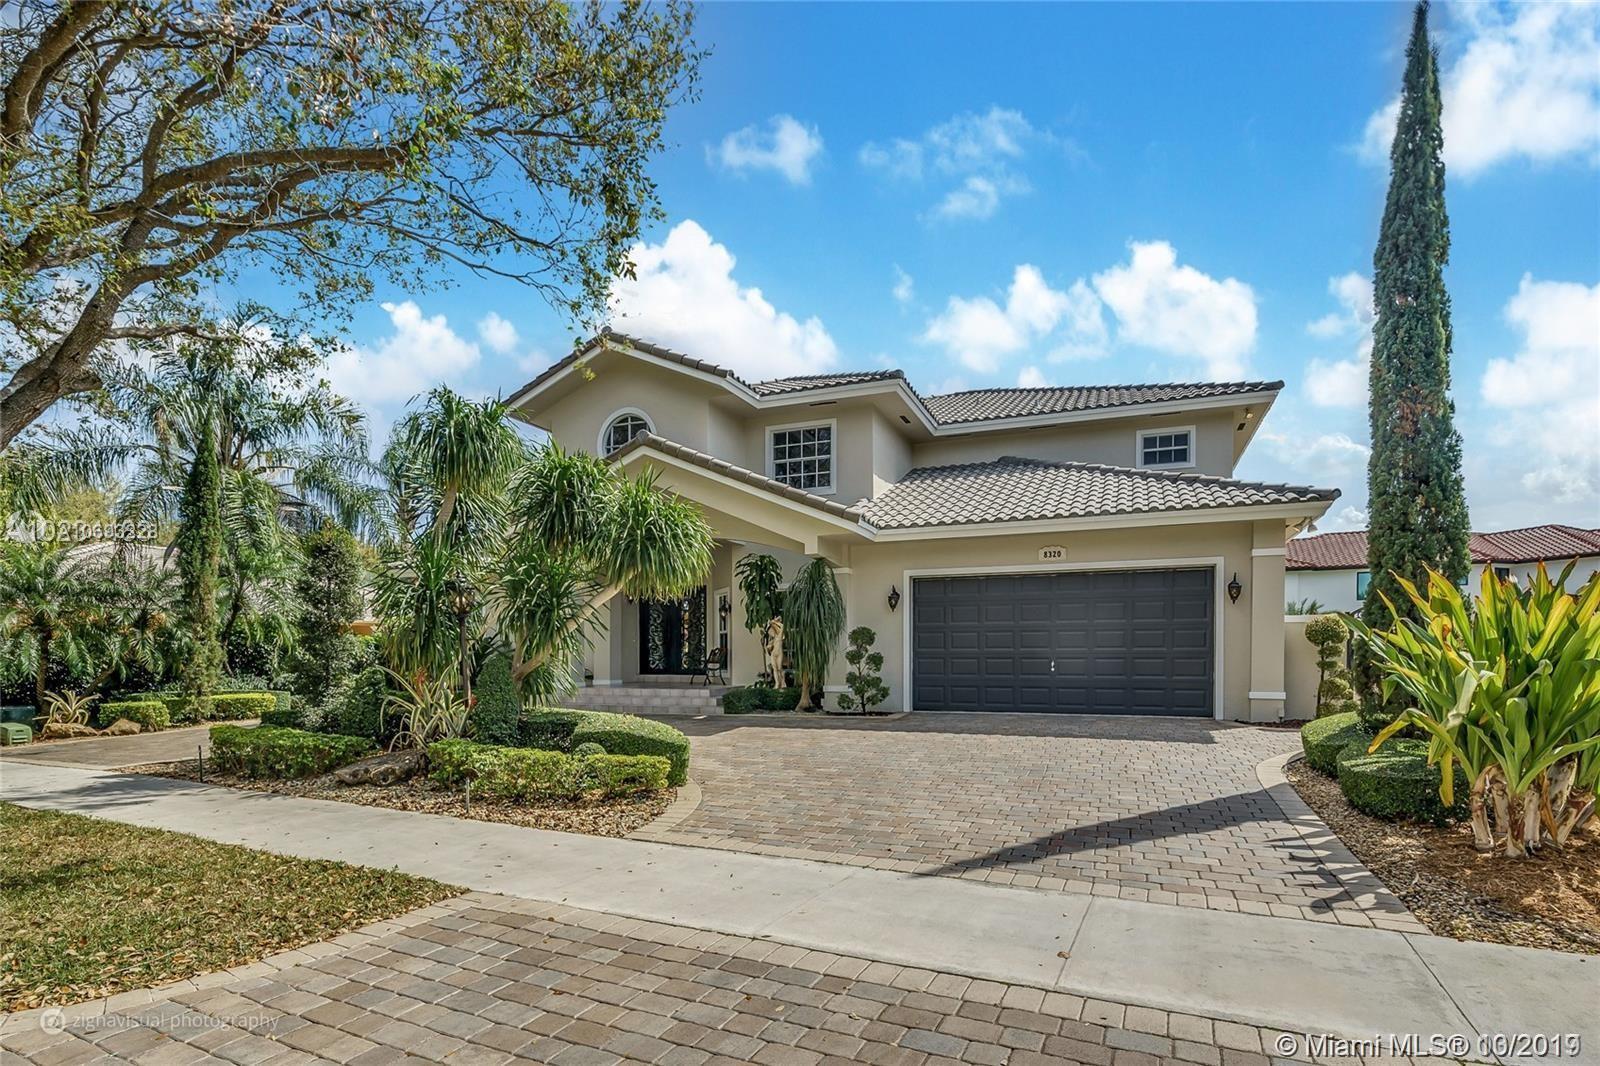 Miami Lakes - 8320 NW 164th St, Miami Lakes, FL 33016